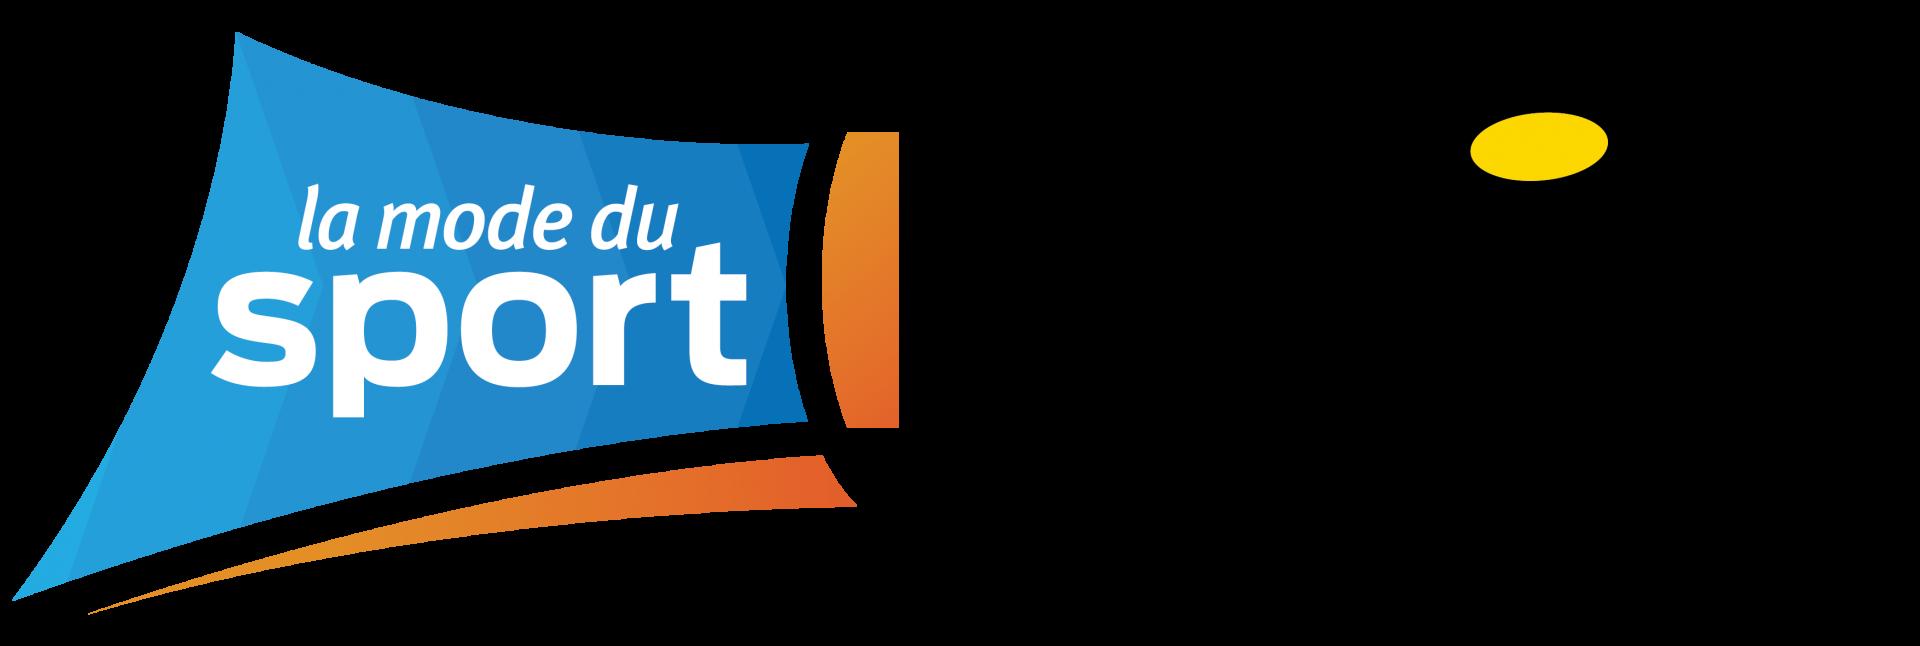 Logo lmds gsg 2018 01